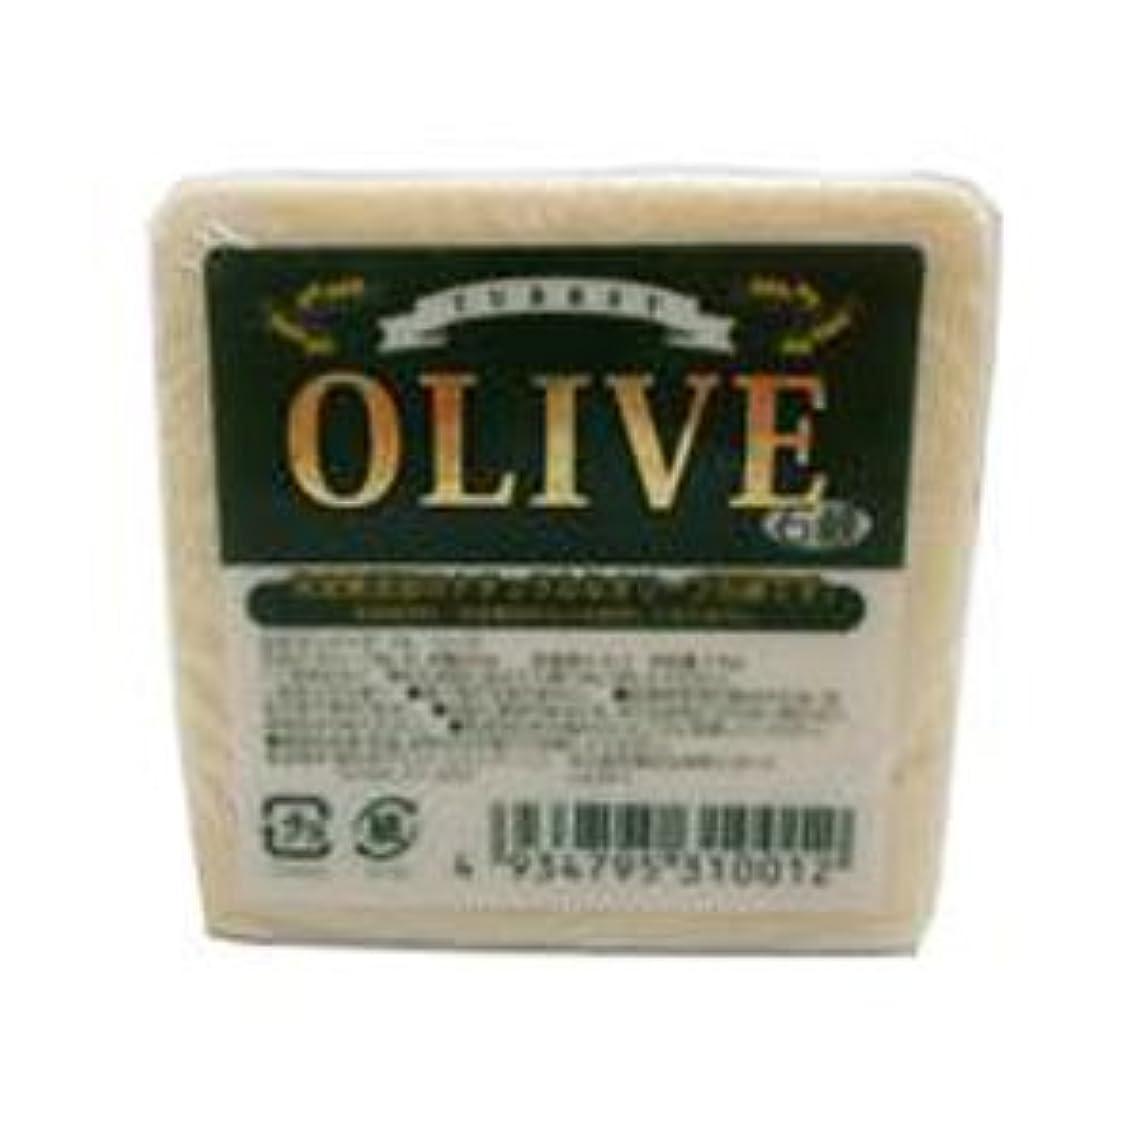 最愛のコンパイル本気お得な10個セット トルコ産オリーブを使用した無添加石鹸 ターキーオリーブ石鹸 135g